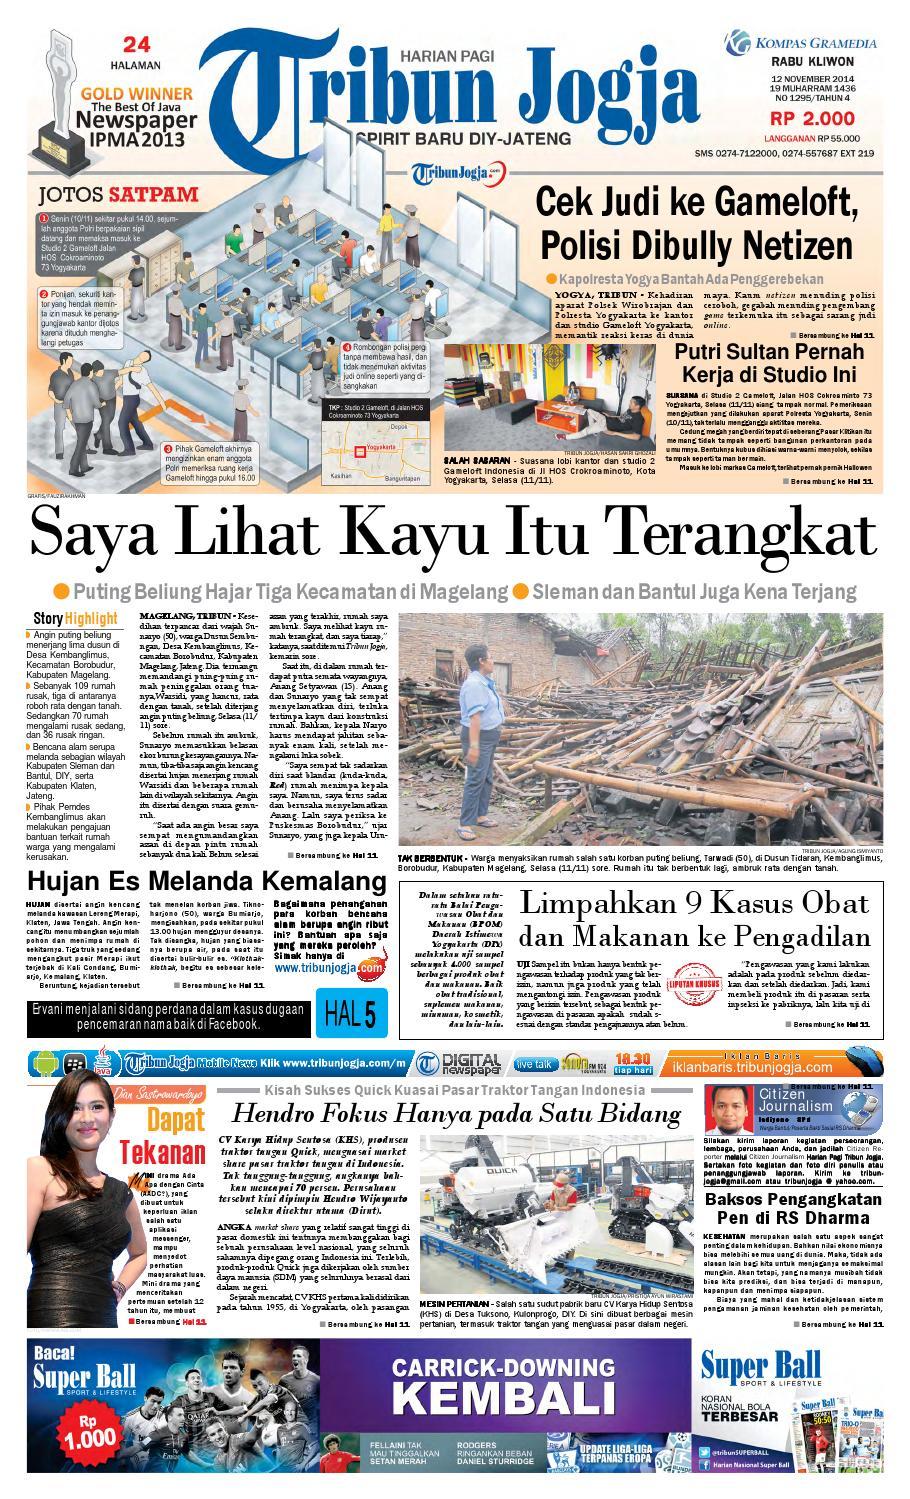 Tribunjogja 12 11 2014 By Tribun Jogja Issuu Strong Kangen Water Ph 115 Ukuran 1000 Ml Terapi Air Kelas Dunia Indonesia